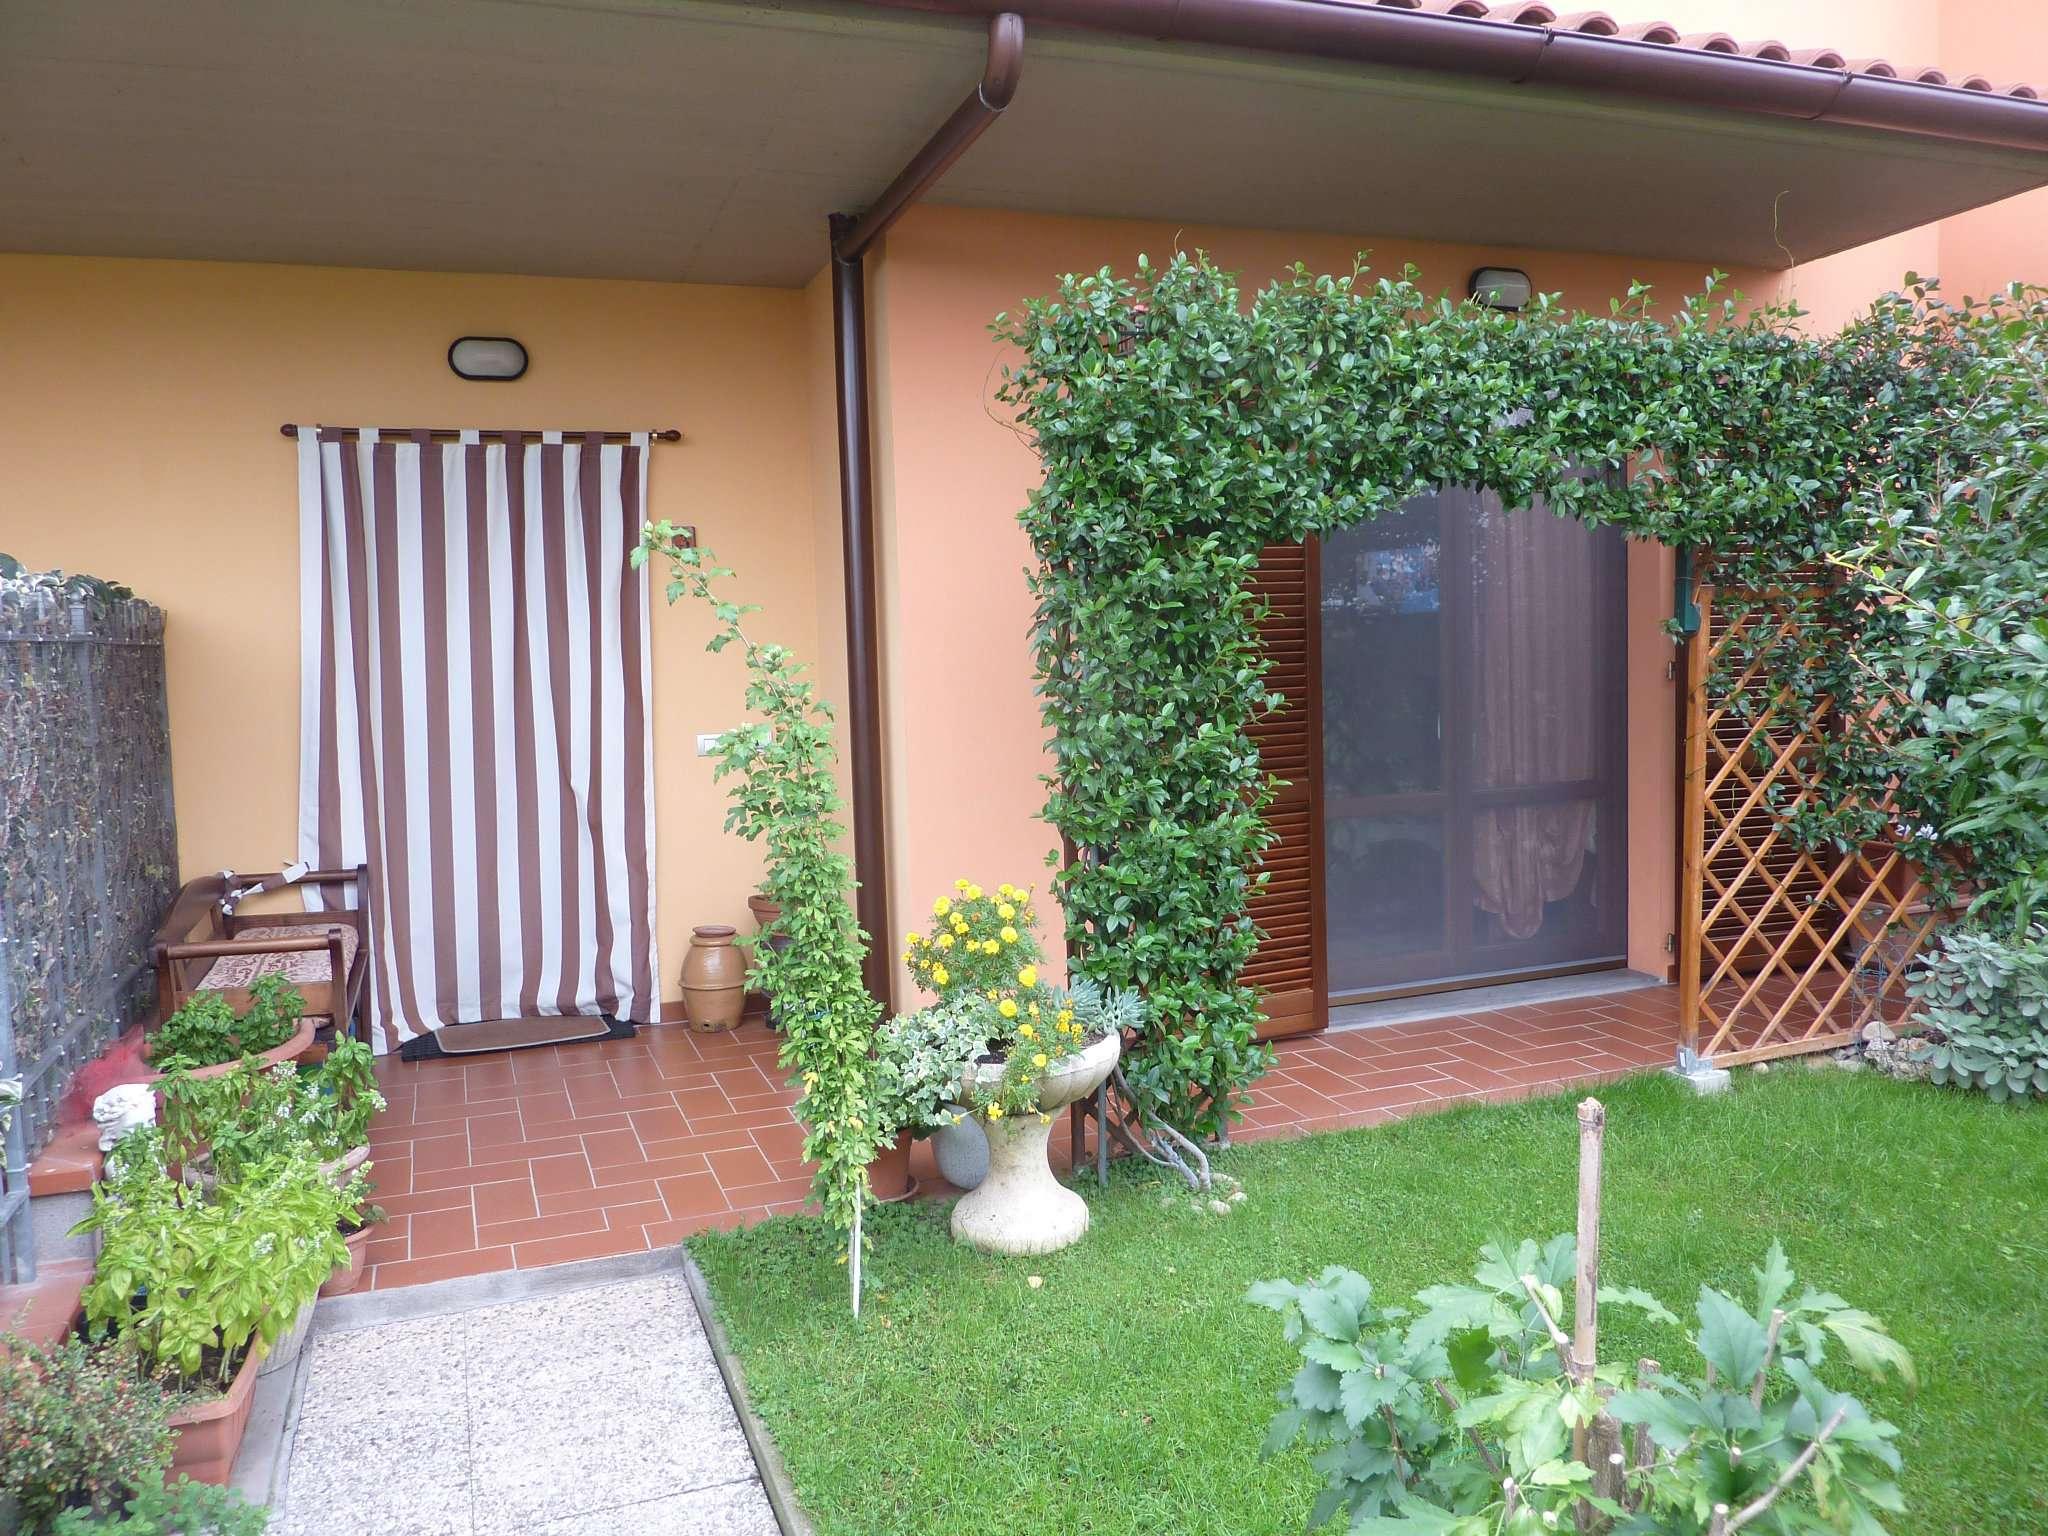 Palazzo / Stabile in vendita a Quarrata, 5 locali, prezzo € 300.000 | CambioCasa.it